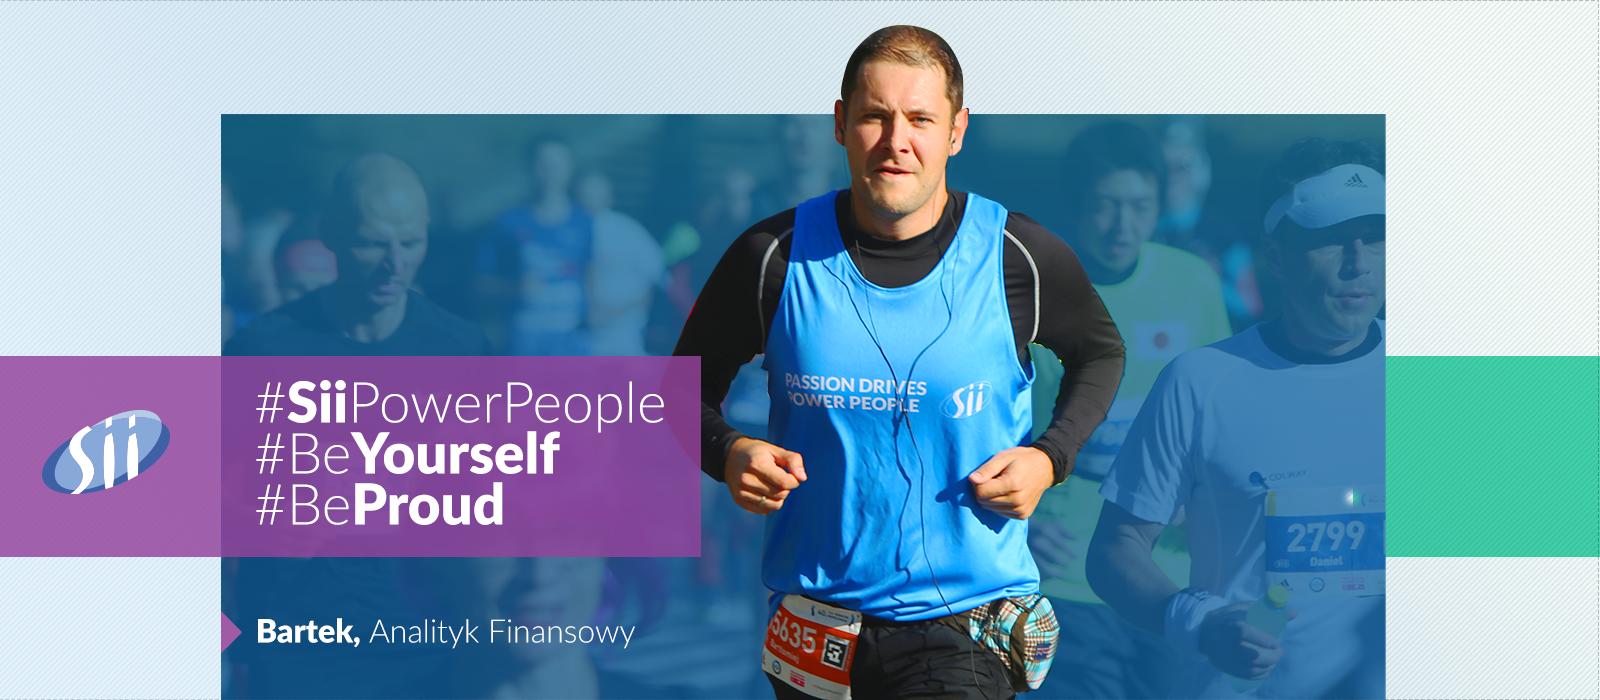 Sii Running Team – pasja, w której chodzi nie tylko o kilometry